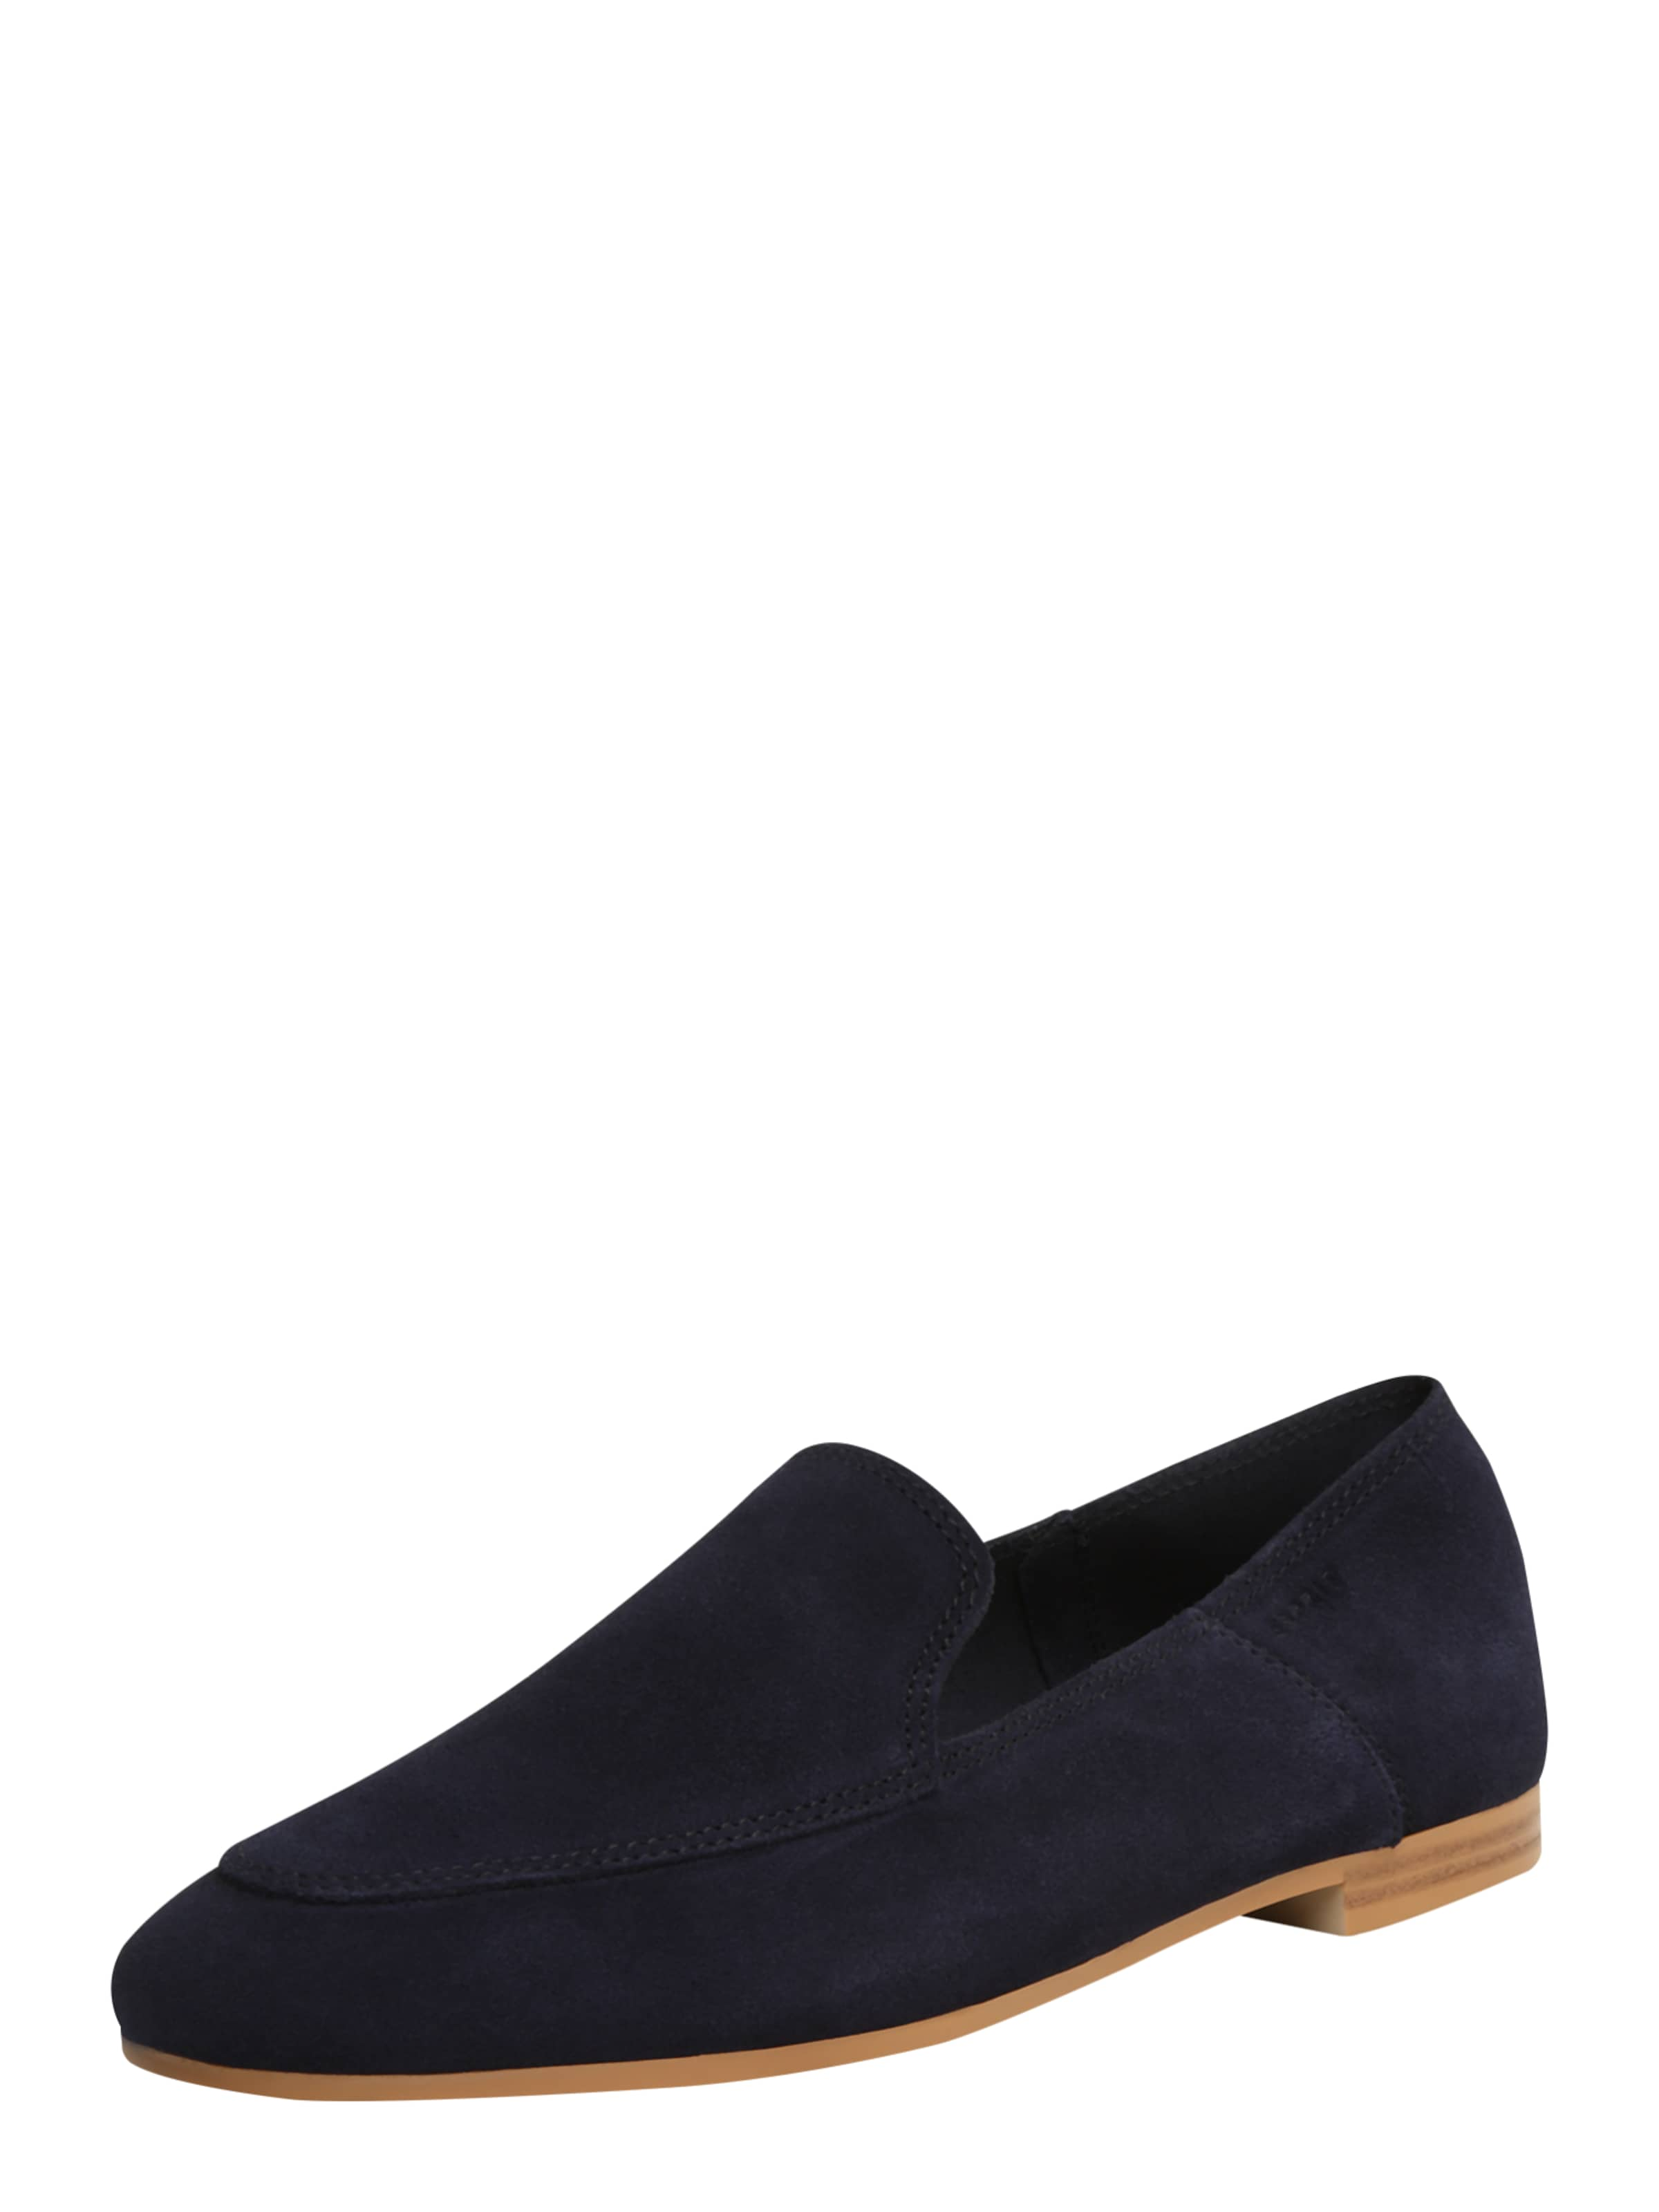 Haltbare Mode Mode Mode billige Schuhe ESPRIT | Slipper 'Lara Loafer' Schuhe Gut getragene Schuhe b6b95a